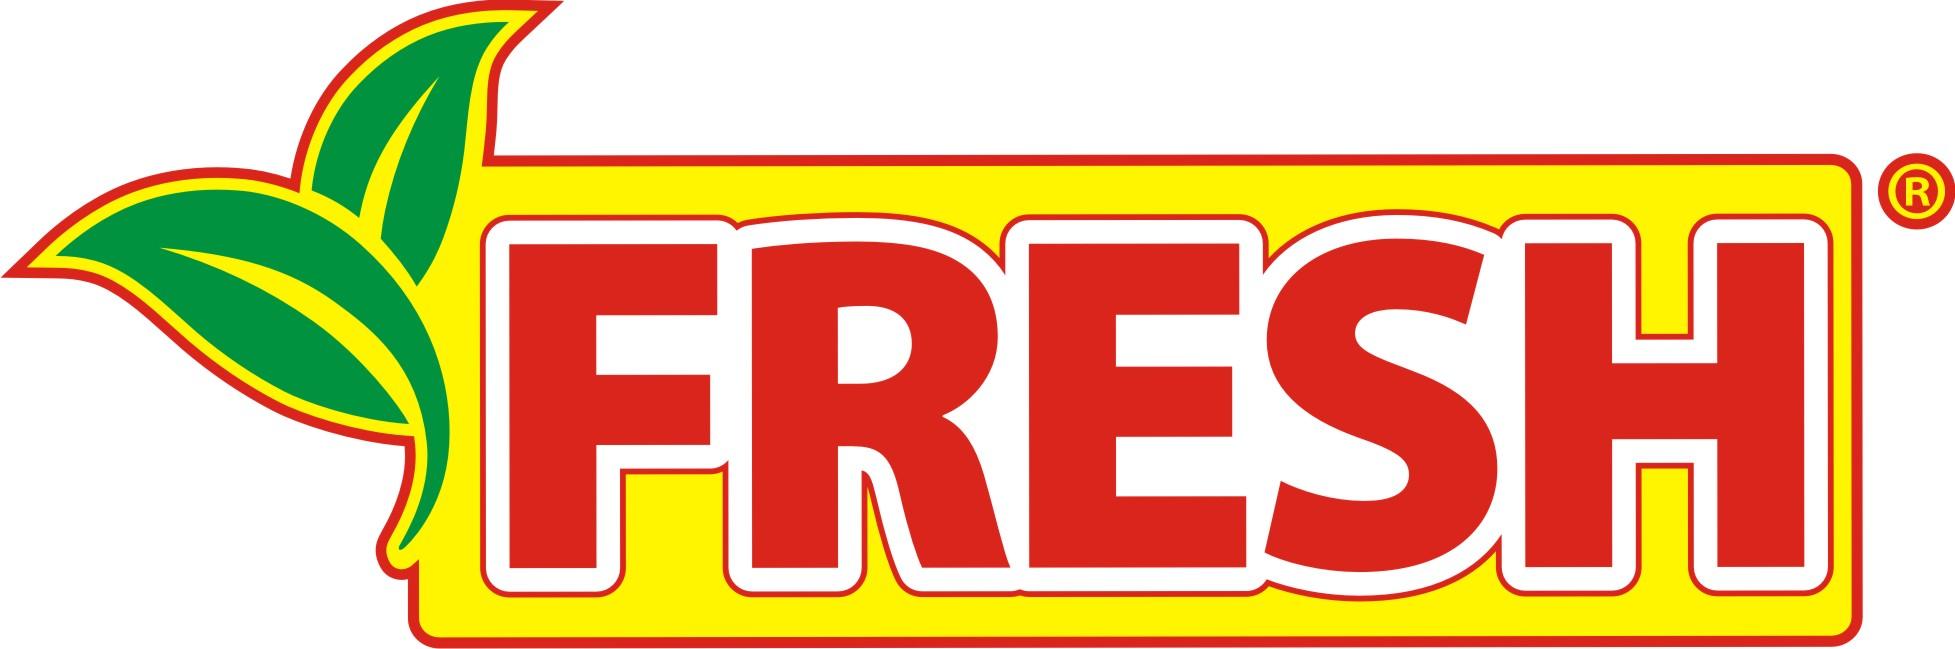 FRESH - Obchod s čerstvými potravinami